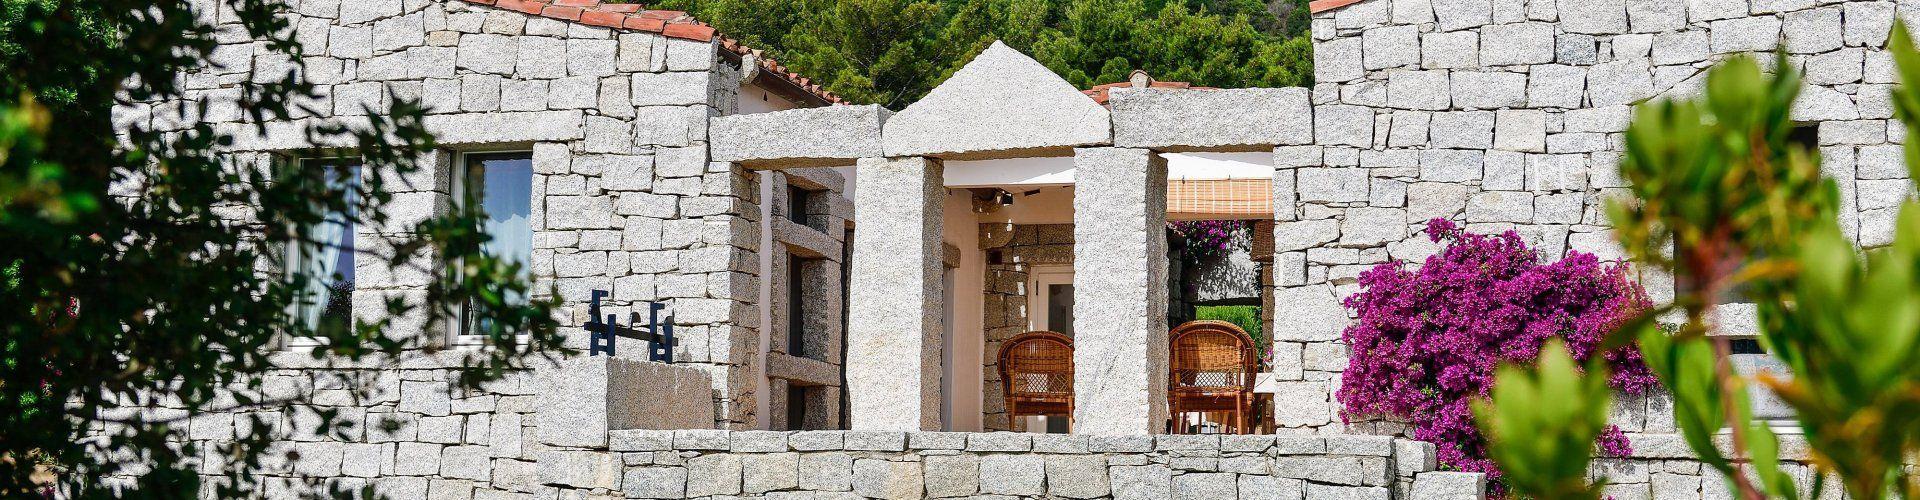 Ferienhaus im Südosten Sardiniens mit Gemeinschaftspool in Cala Sinzias